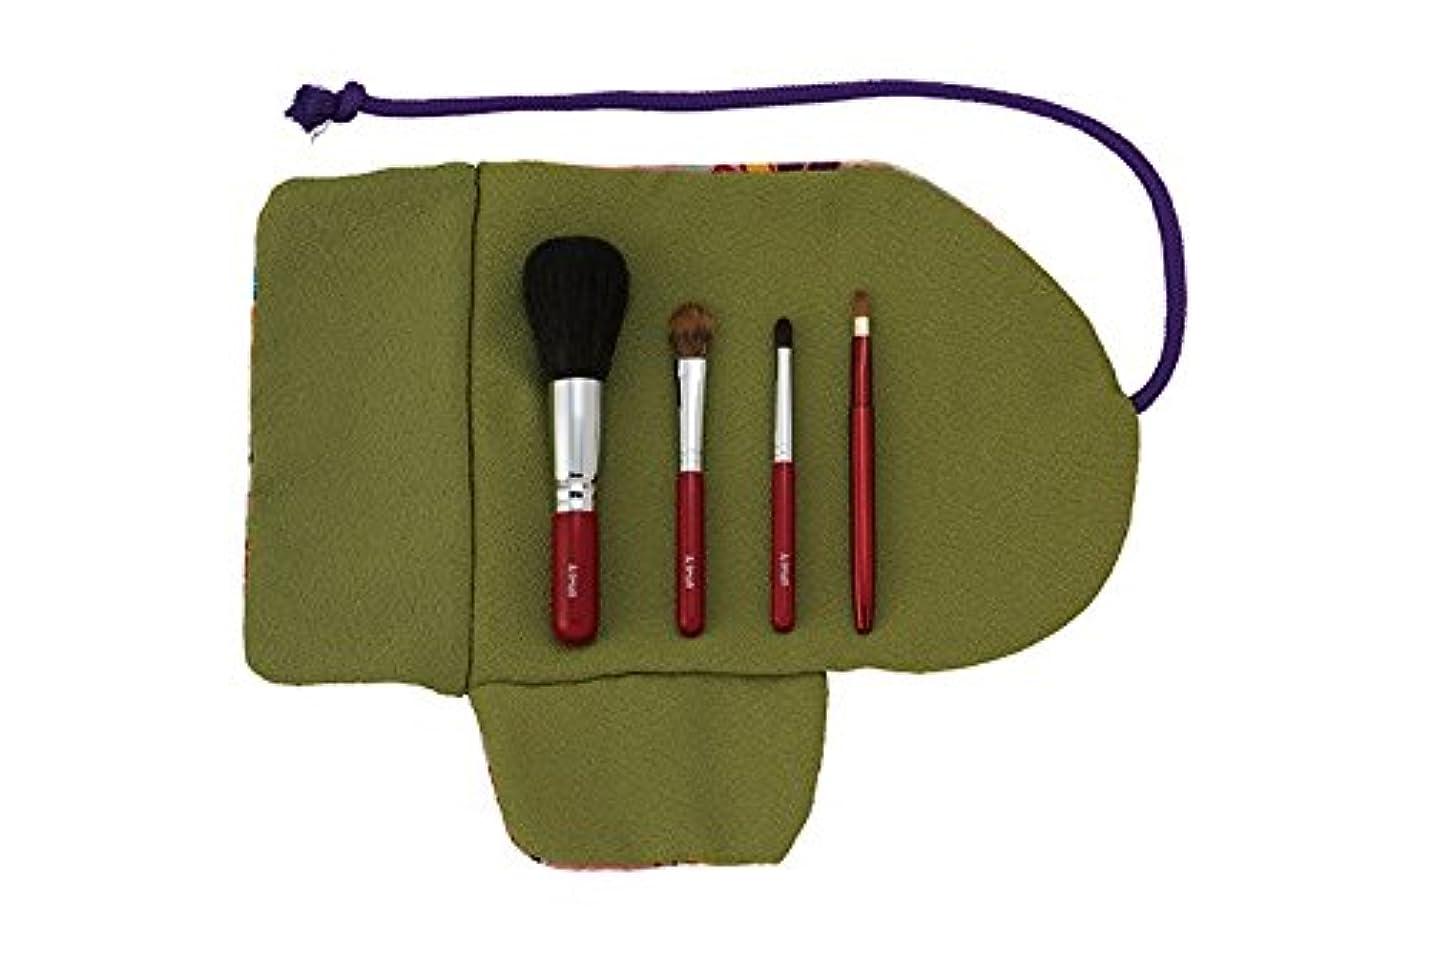 始まり独創的放射能熊野筆 Ai brush WA-4A/和風化粧筆セット